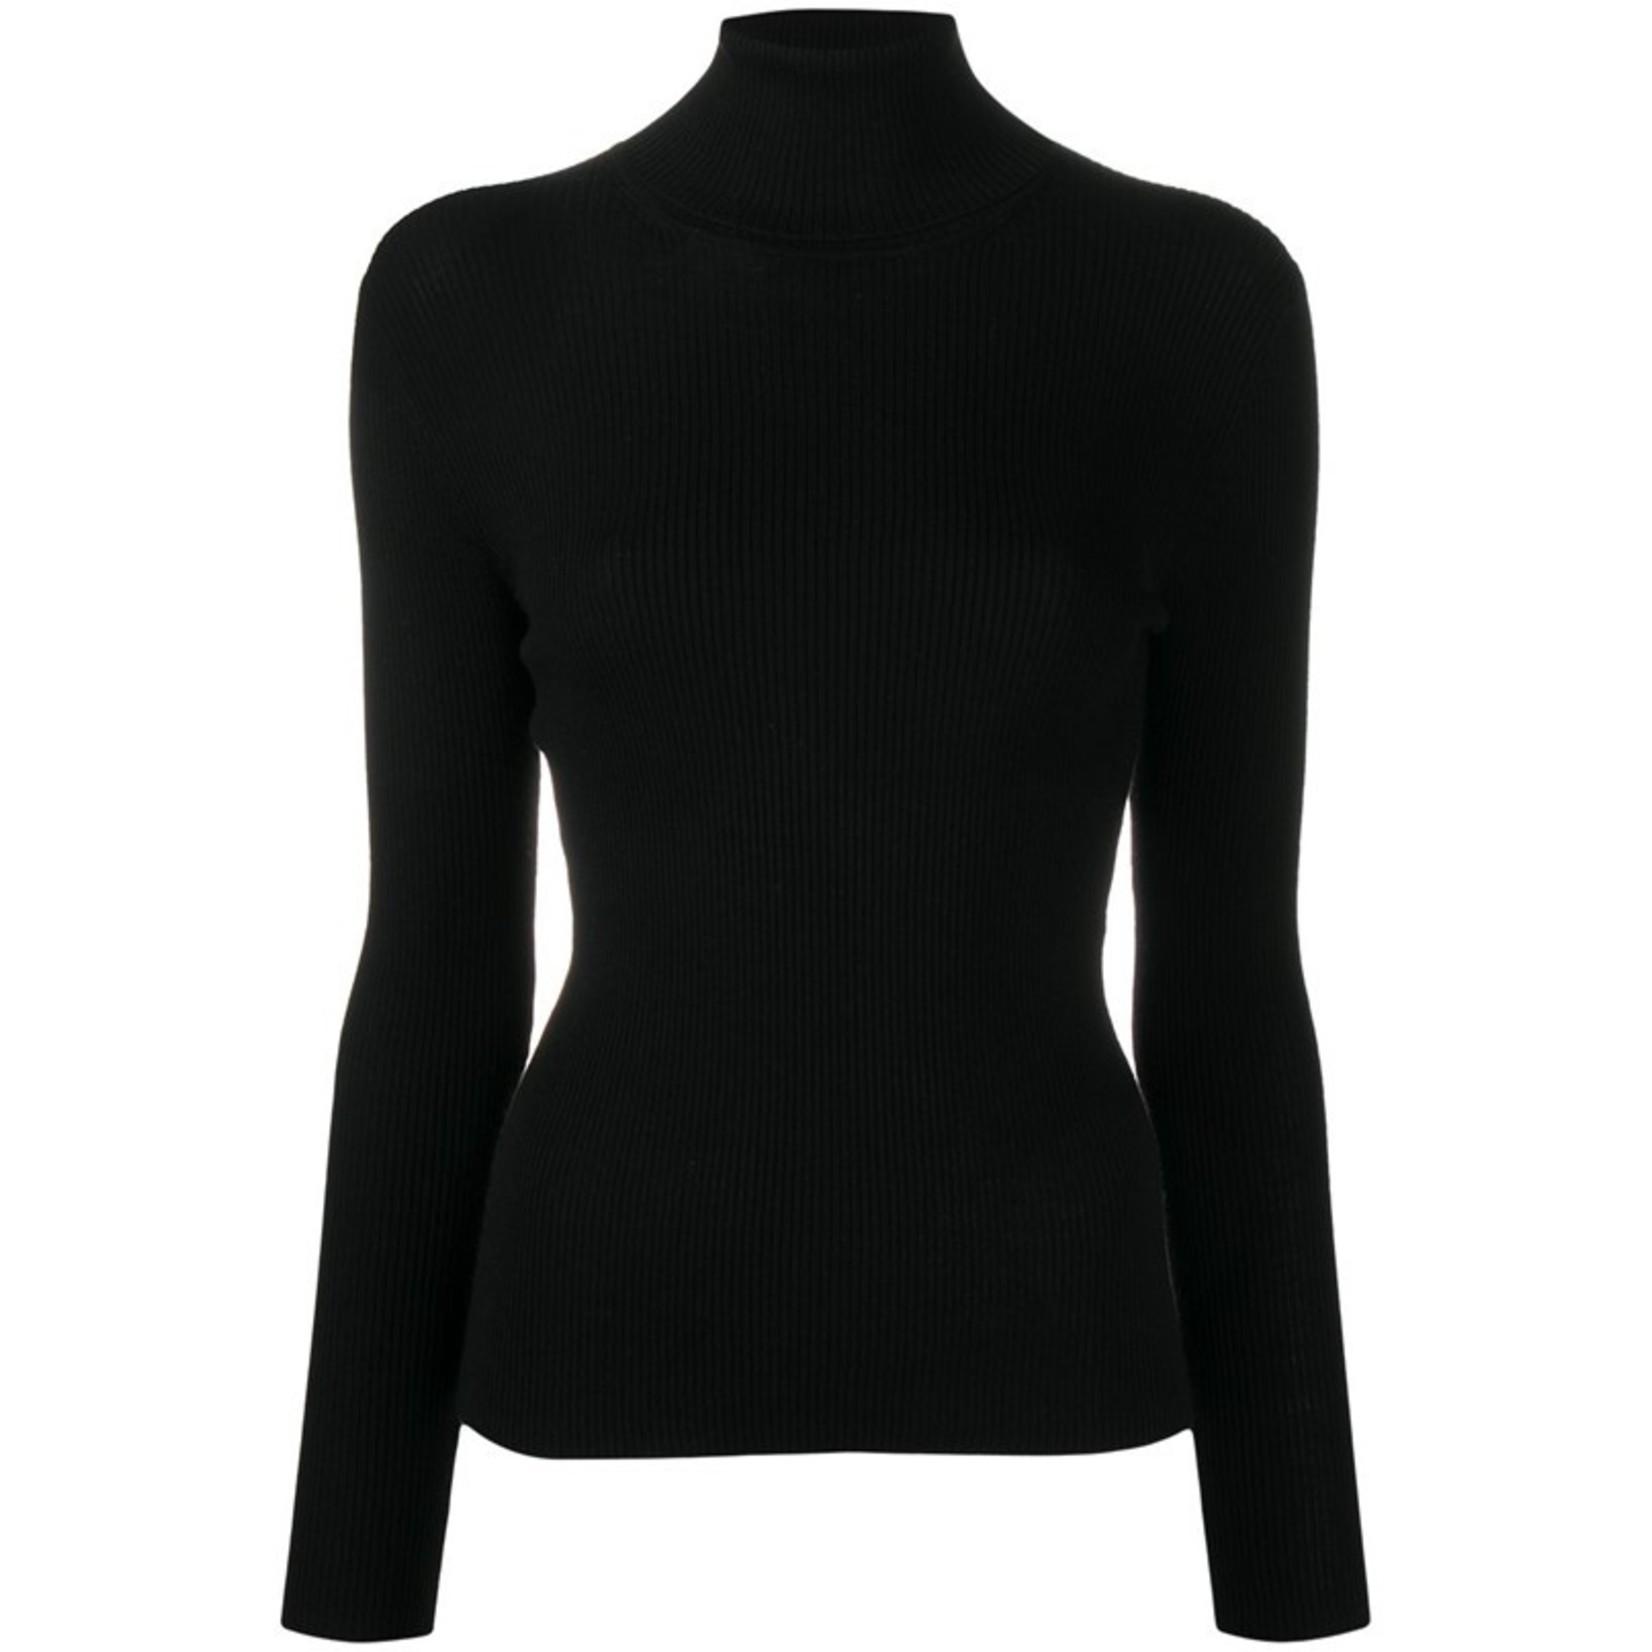 P.A.R.O.S.H. Sweater 43098